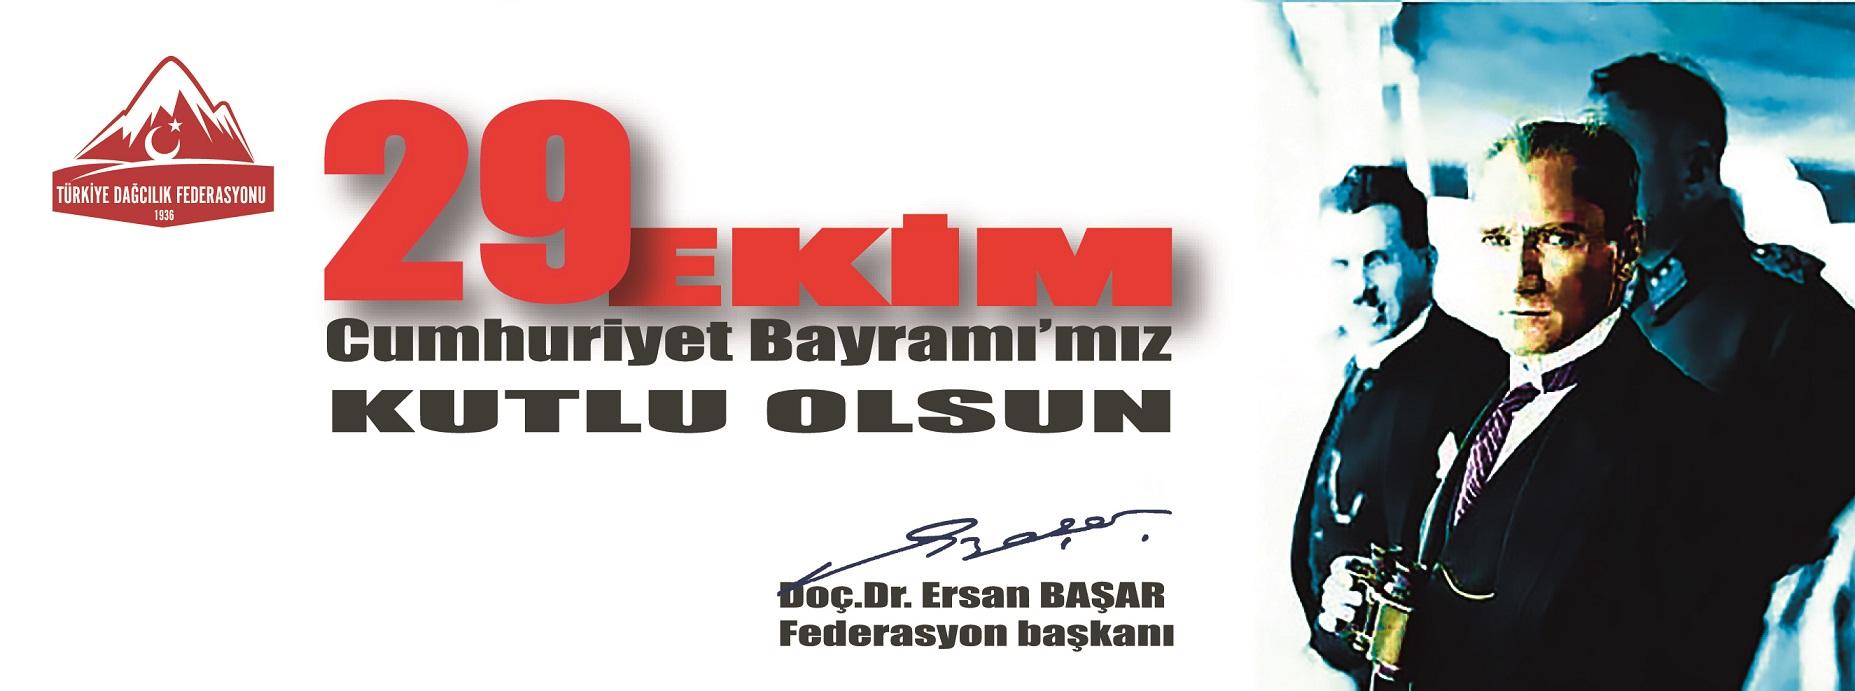 TDF Başkanı Doç. Dr. Ersan Başar'dan 29 Ekim Mesajı